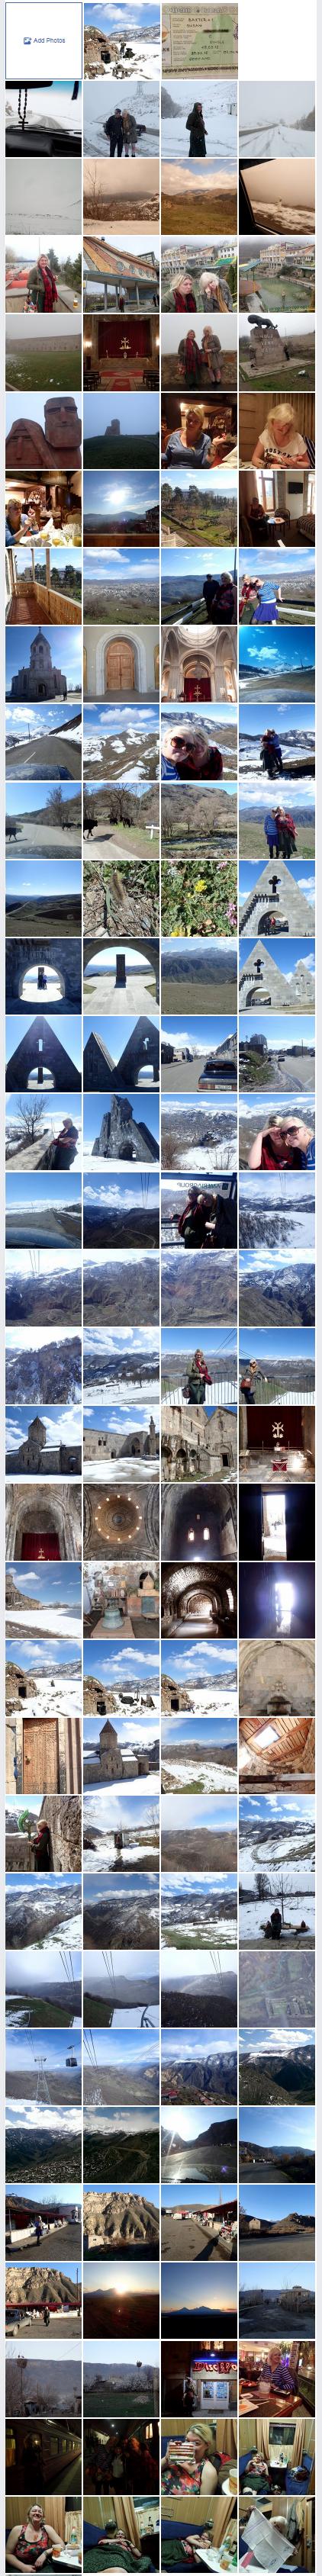 Armenia Album